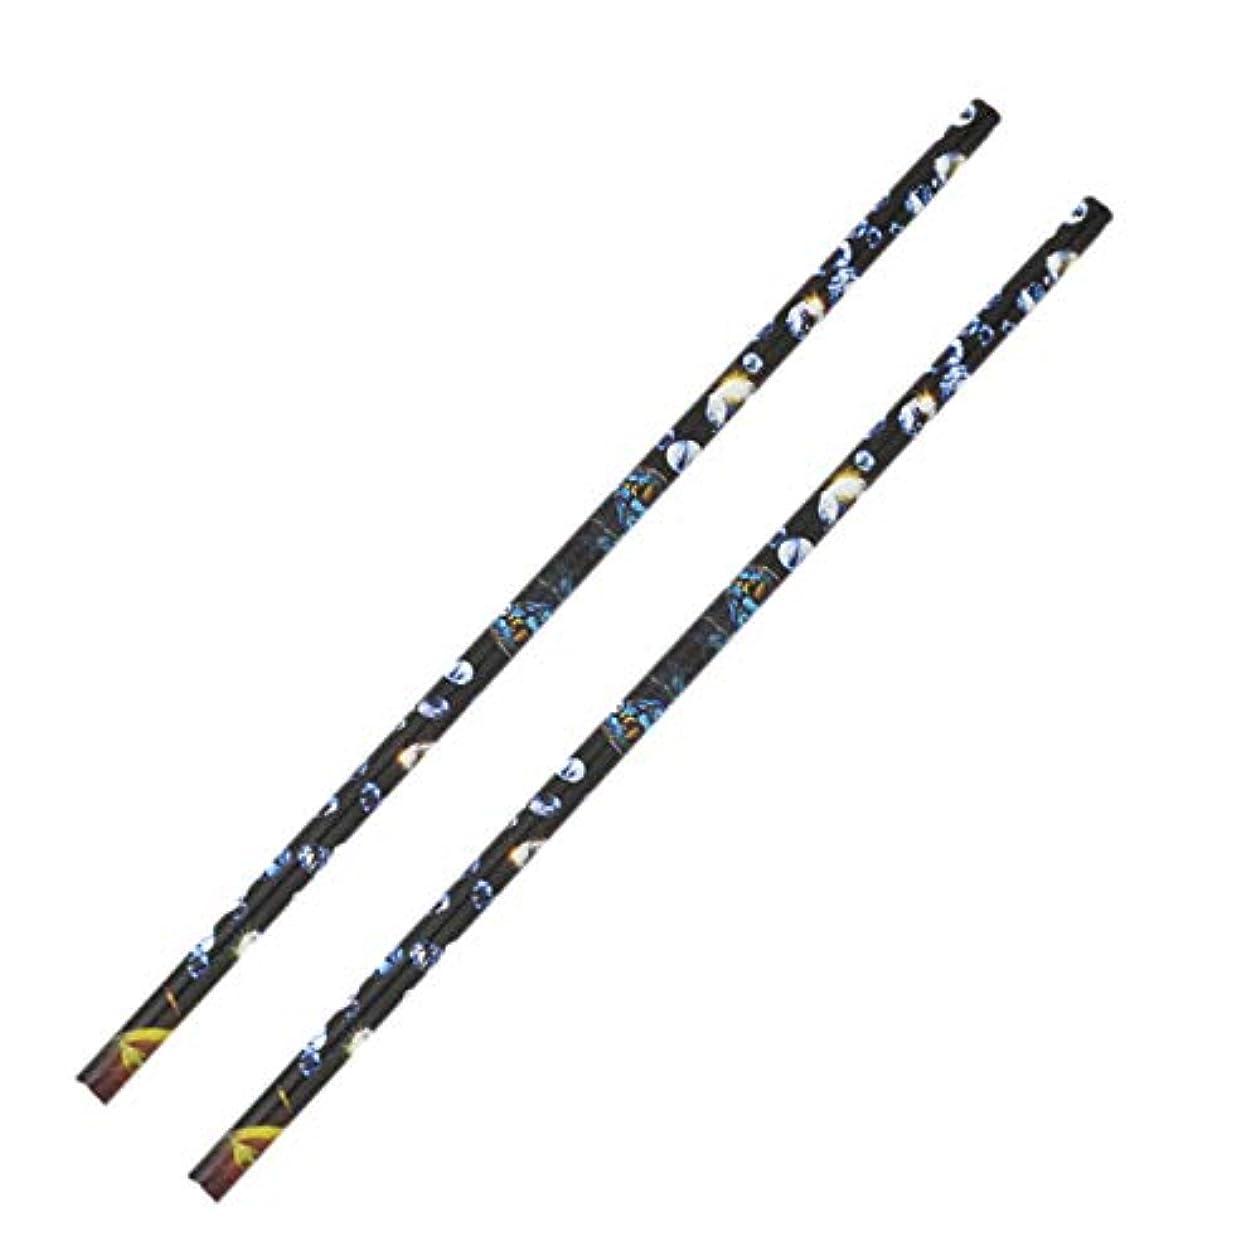 穿孔する決定未満TOOGOO 2個 クリスタル ラインストーン ピッカー鉛筆ネイルアートクラフト装飾ツール ワックスペンDIYスティッキードリルクレヨンラインストーンスティックドリルペン マニキュアツール